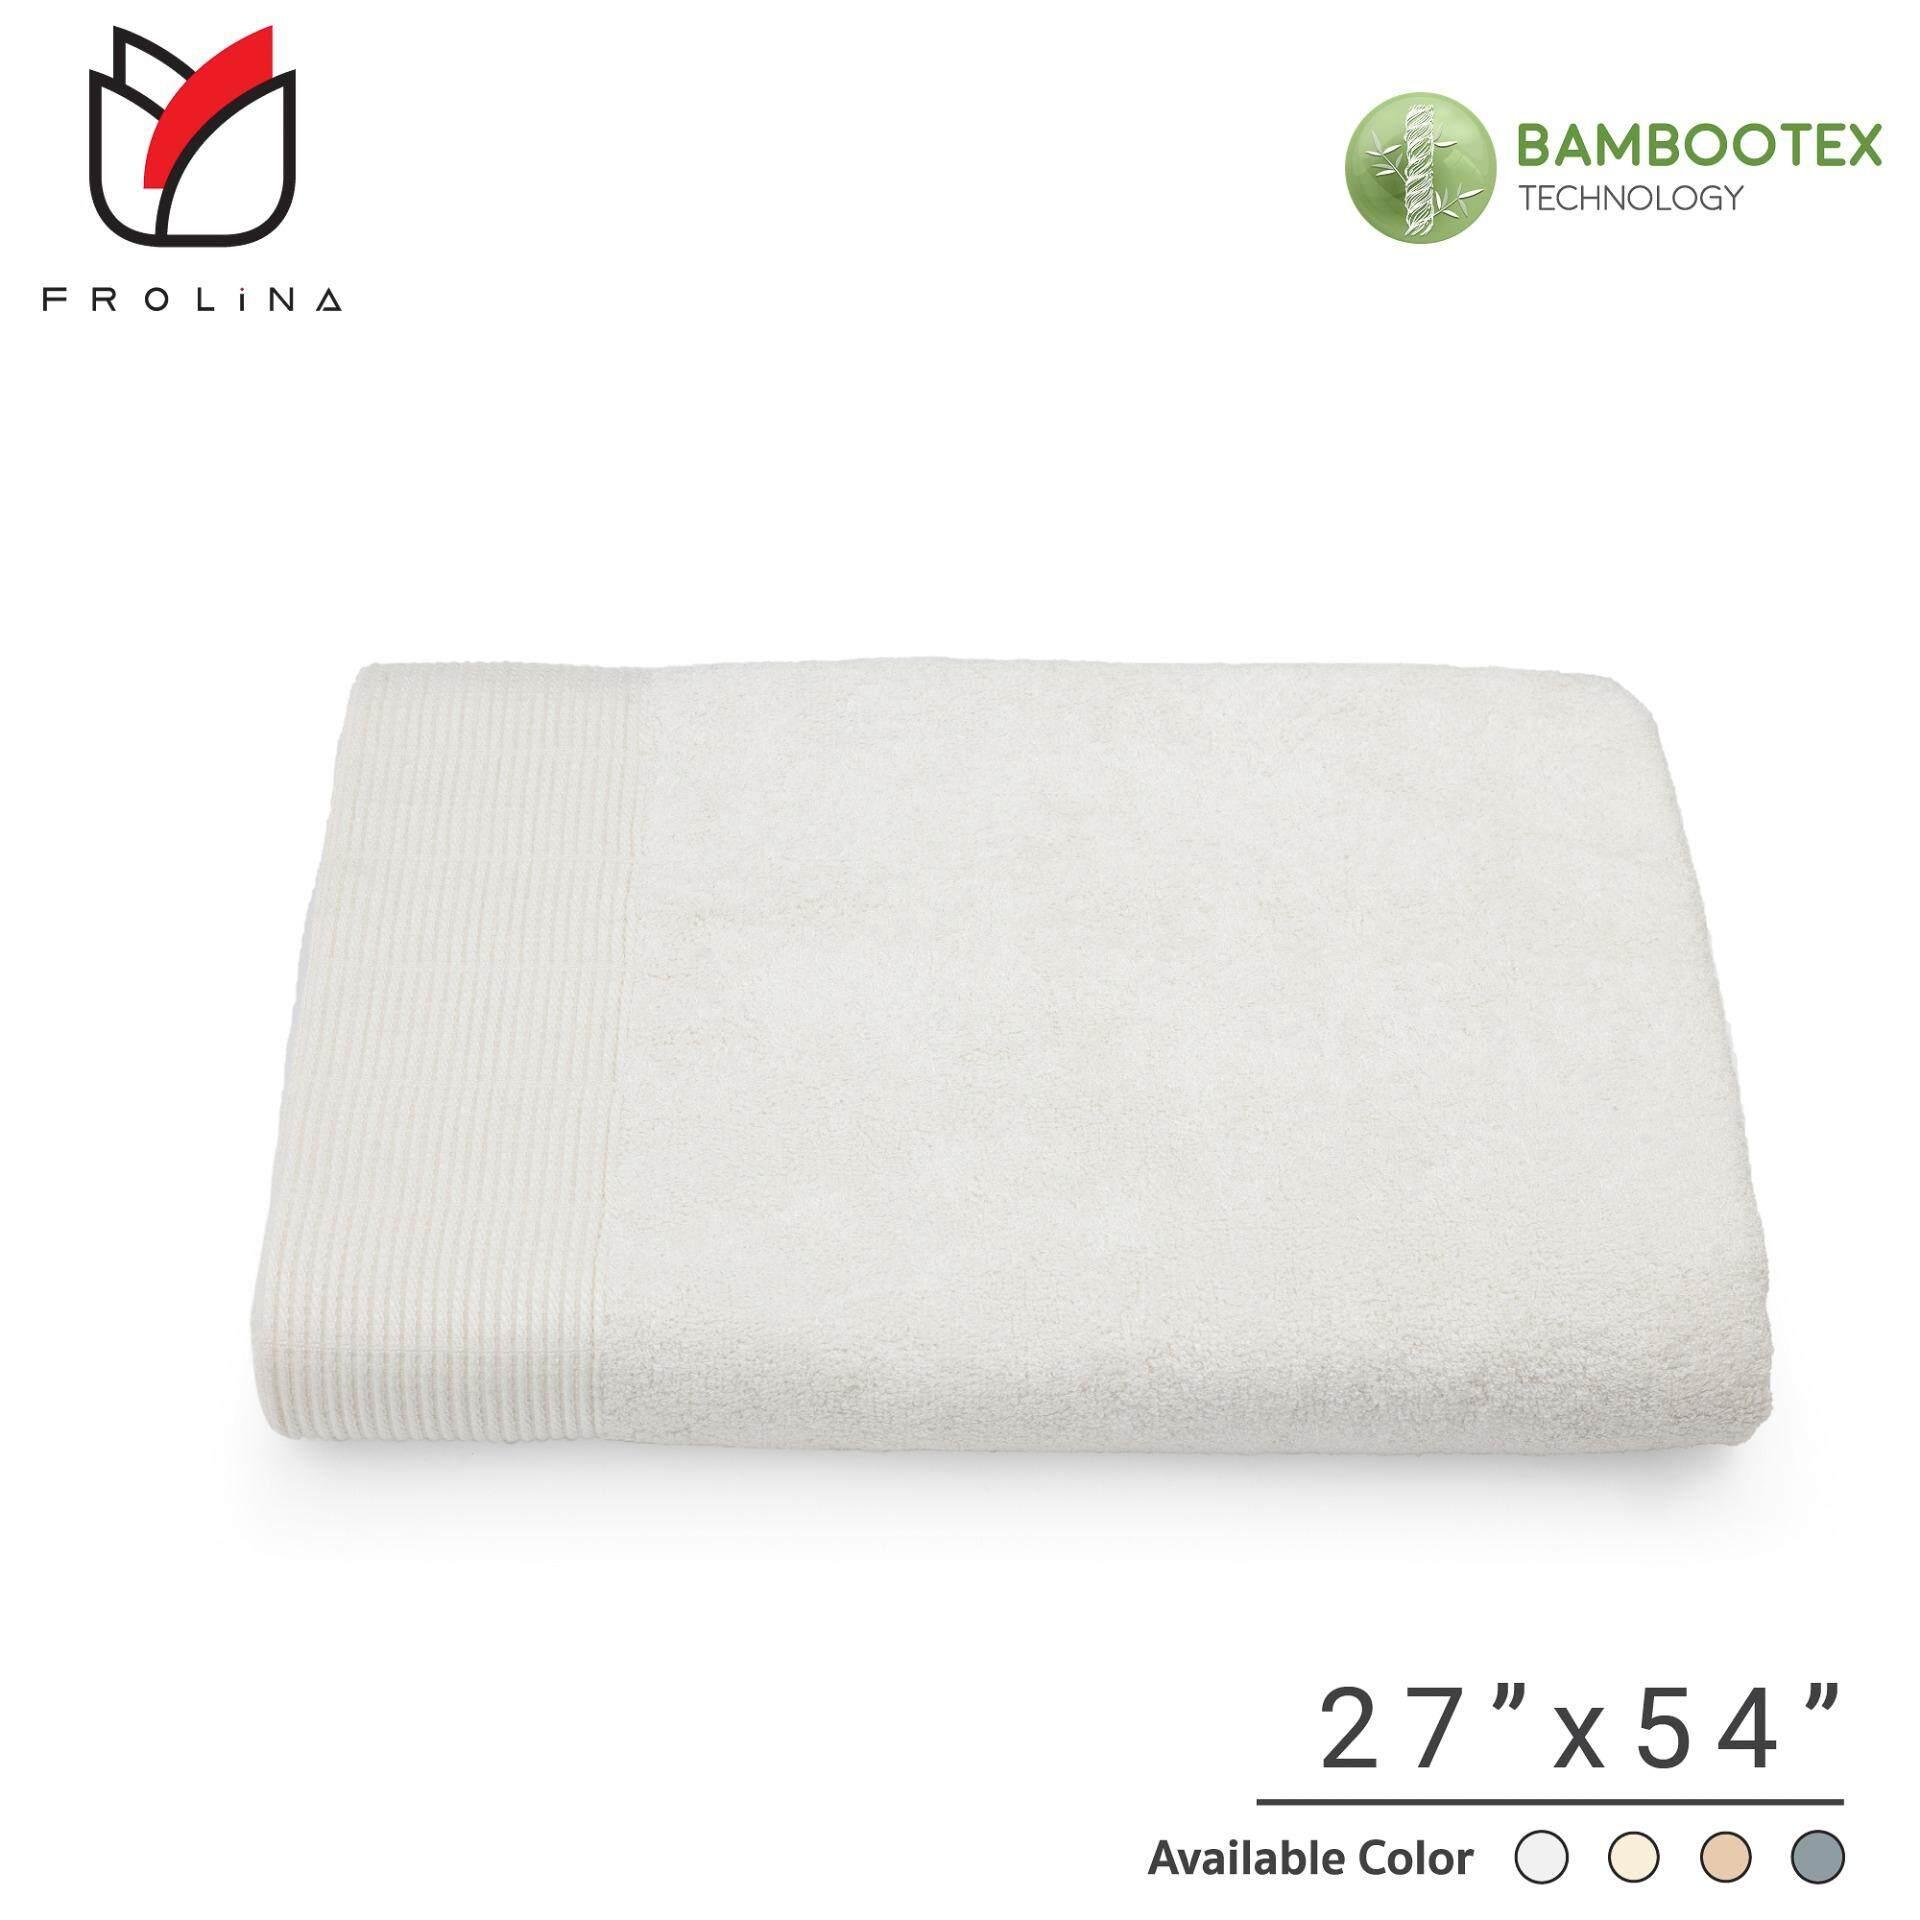 ขาย ซื้อ ออนไลน์ Frolina Bambootex Collection ผ้าขนหนู เช็ดตัว เส้นใยไผ่ ขนาด27X54